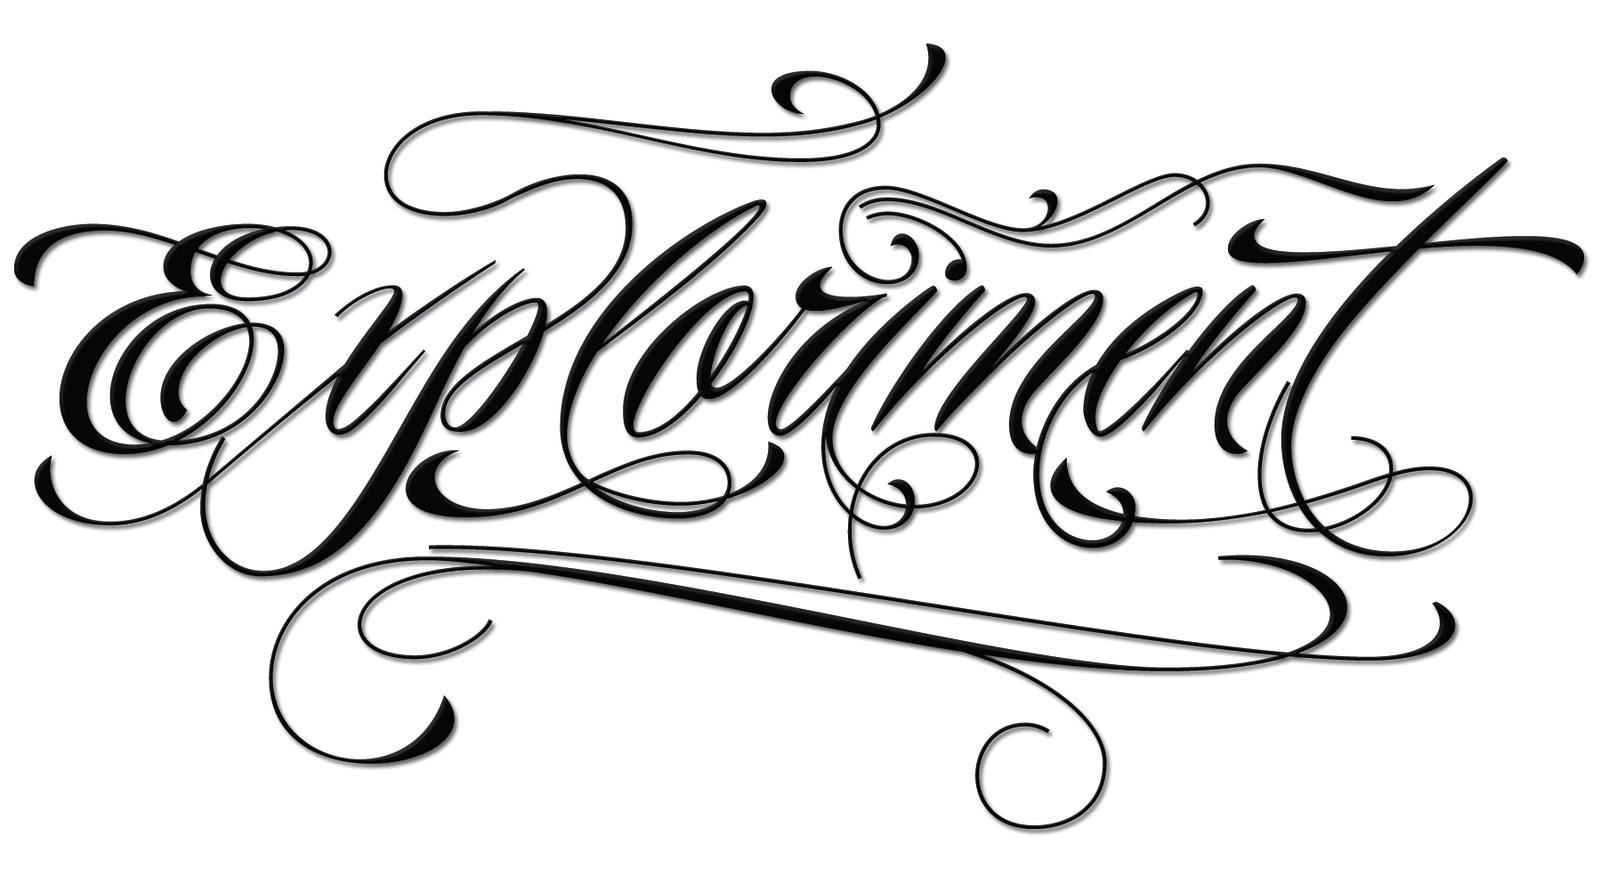 Tattoo Script Generator